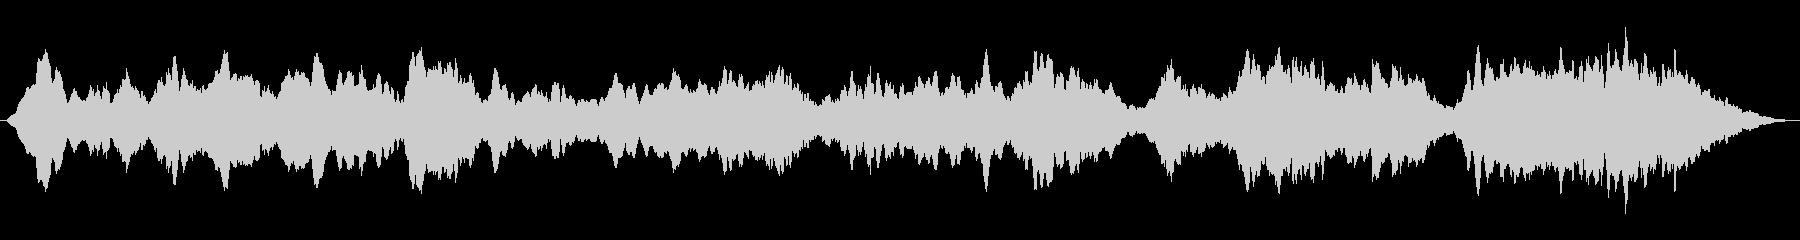 パッド びまん性のアジア文字列ハイ01の未再生の波形